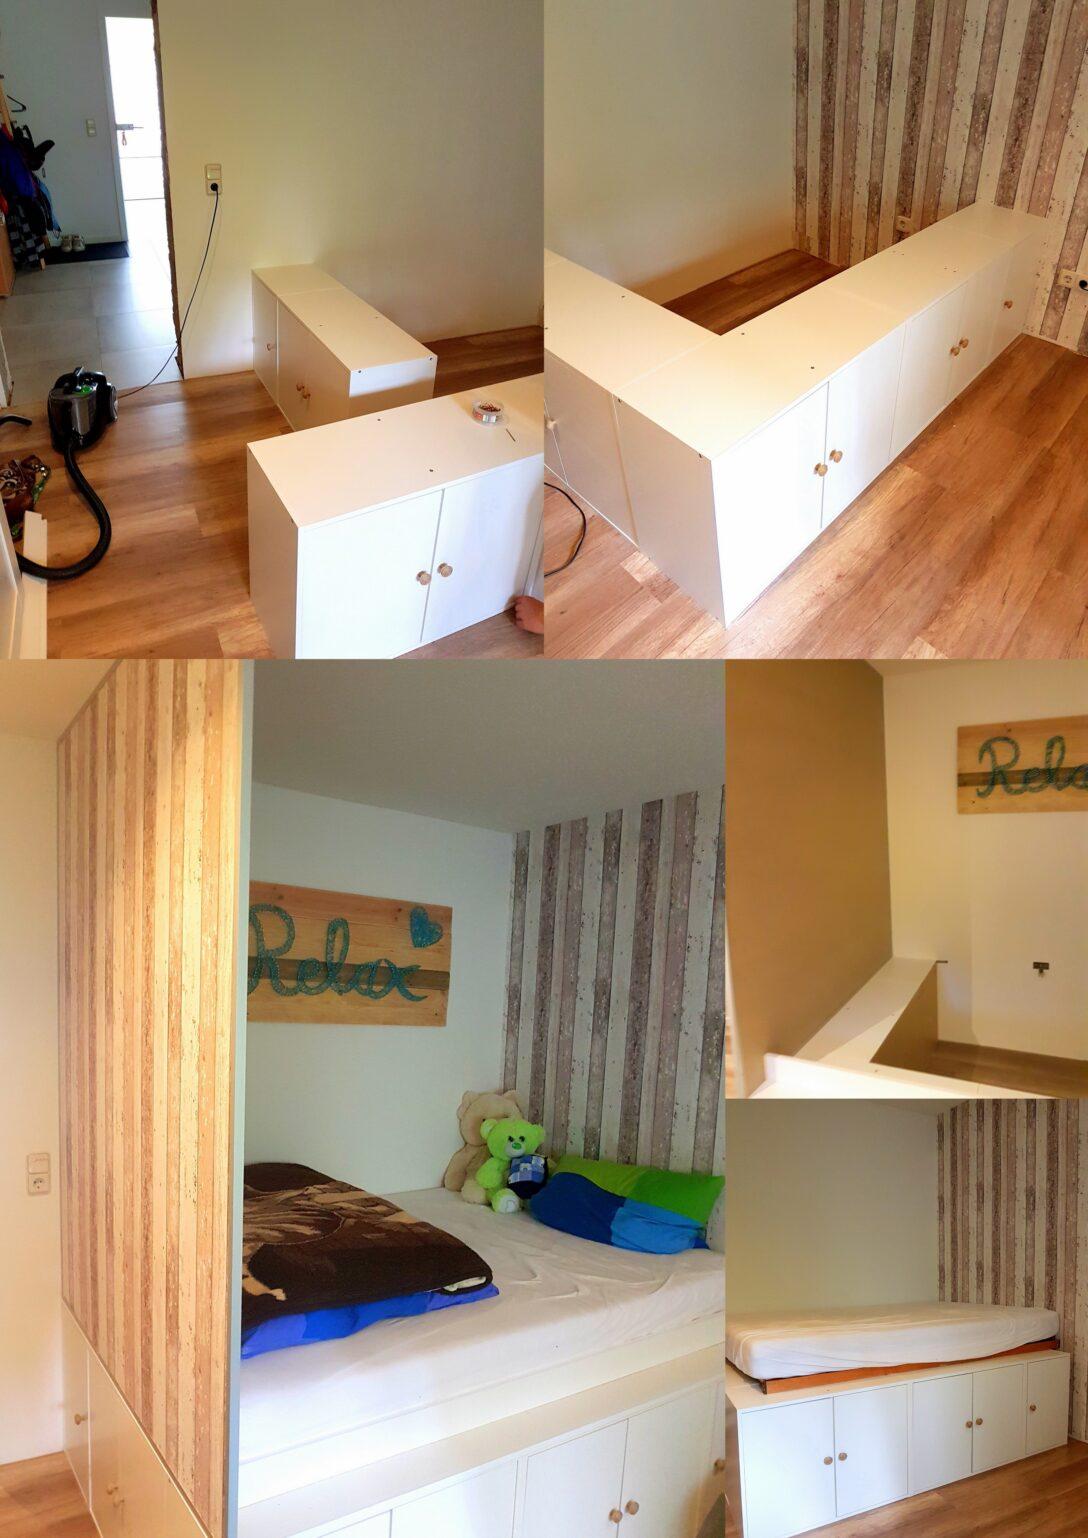 Large Size of Bad Unterschrank Holz Küche Ikea Kosten Miniküche Betten Bei Badezimmer Eckunterschrank Sofa Mit Schlaffunktion Modulküche Küchen Regal 160x200 Kaufen Wohnzimmer Ikea Küchen Unterschrank